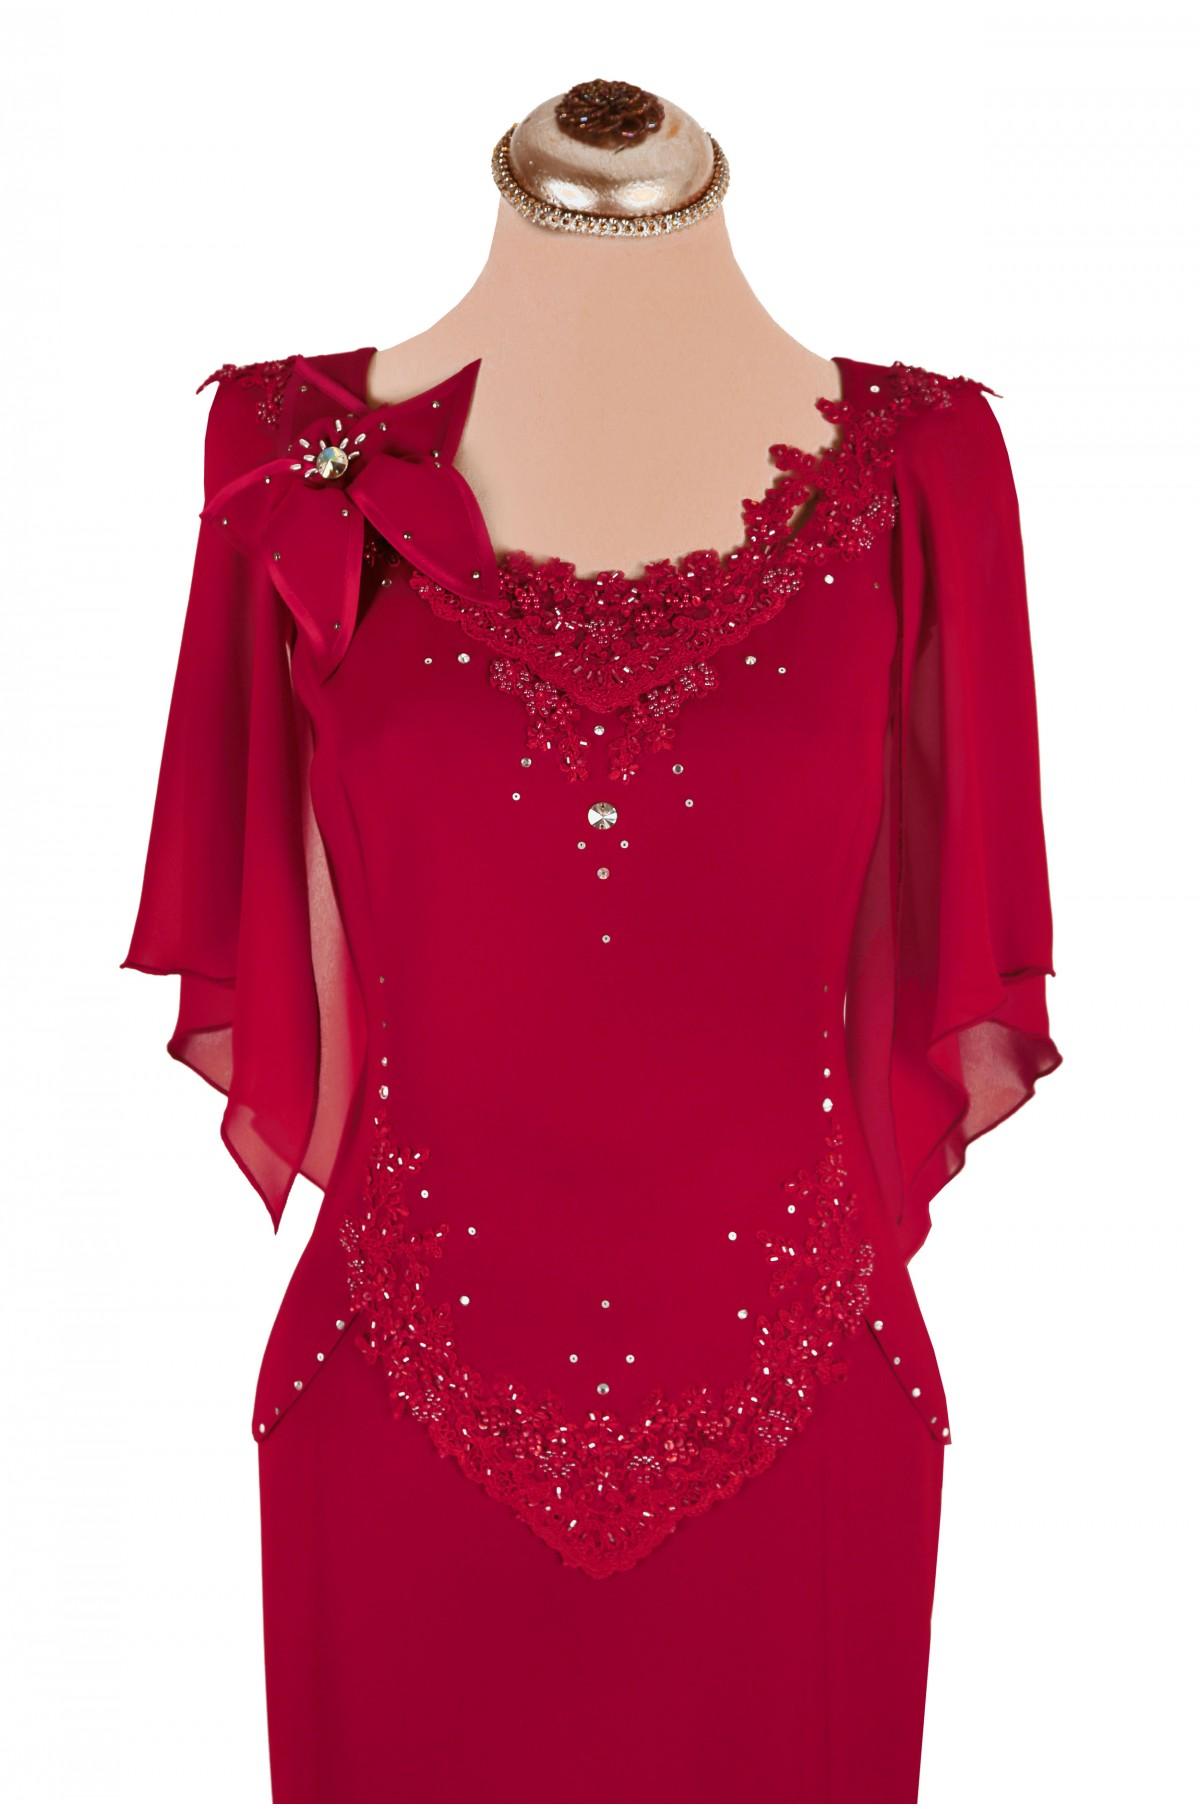 comercializează informatii pentru coduri promoționale Rochii de ocazie elegante lungi de seara rosii pentru soacra, nasa